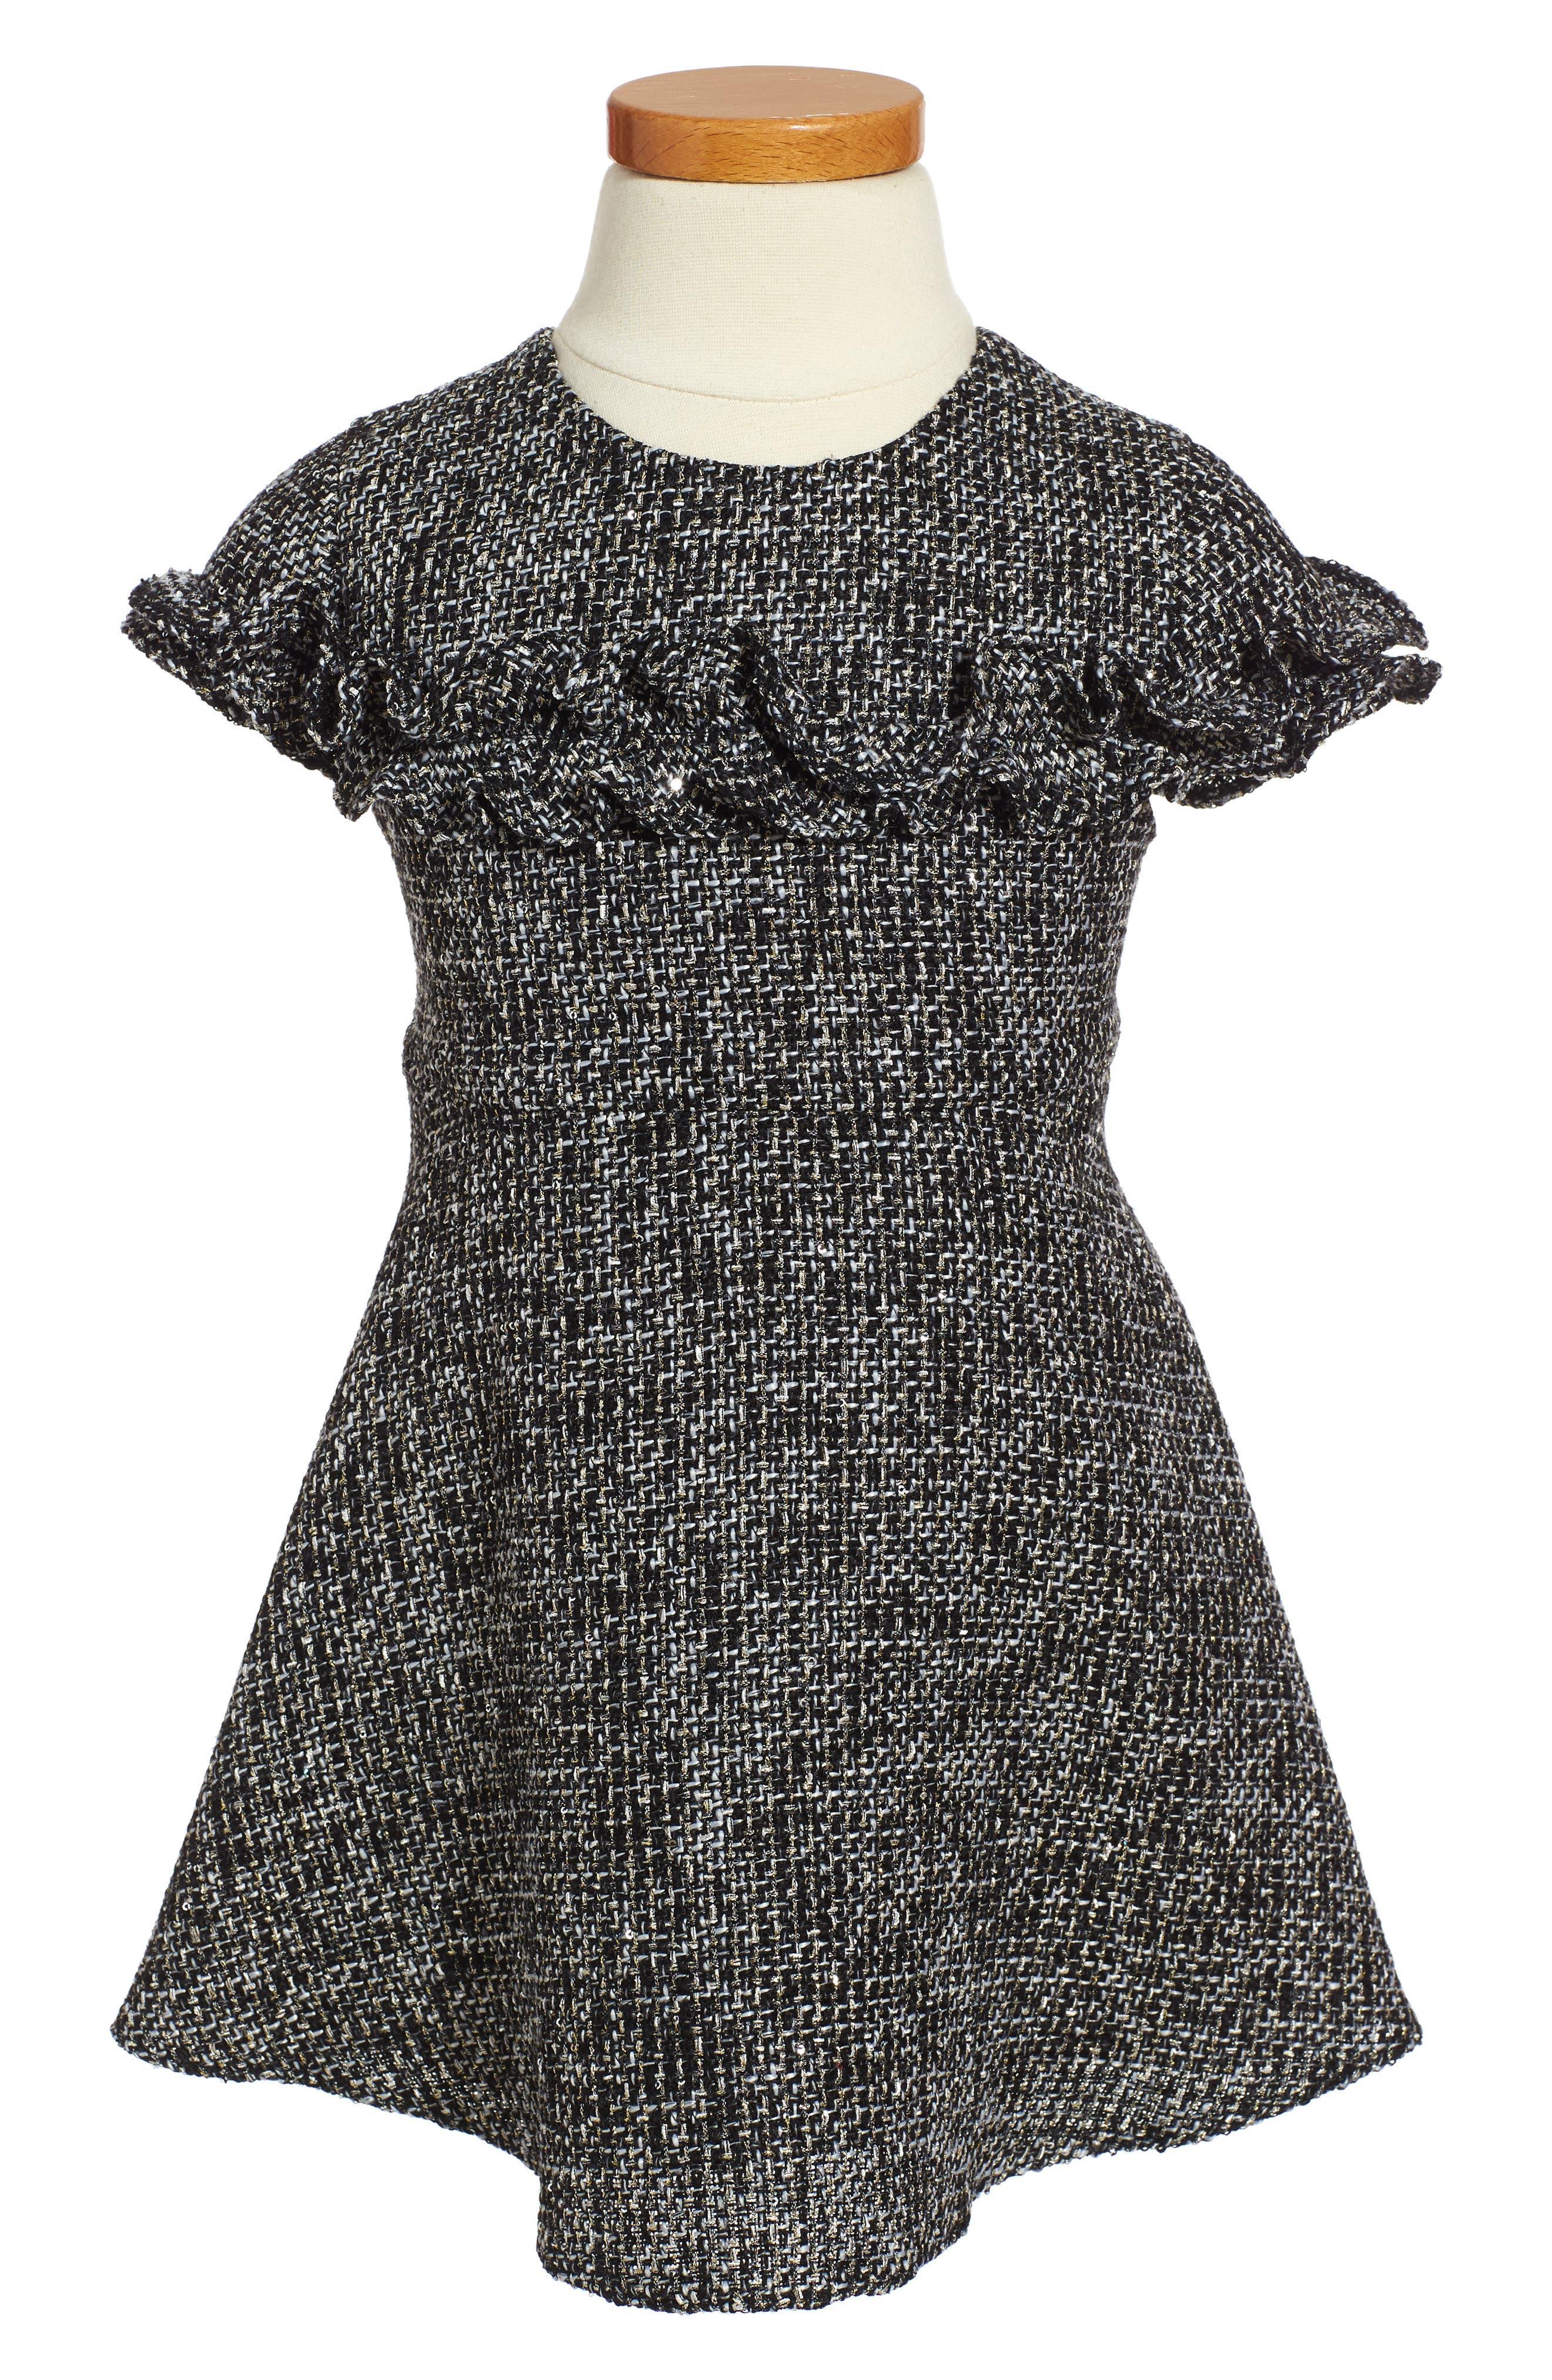 Main Image - David Charles Sequin Tweed Dress (Toddler Girls & Little Girls)